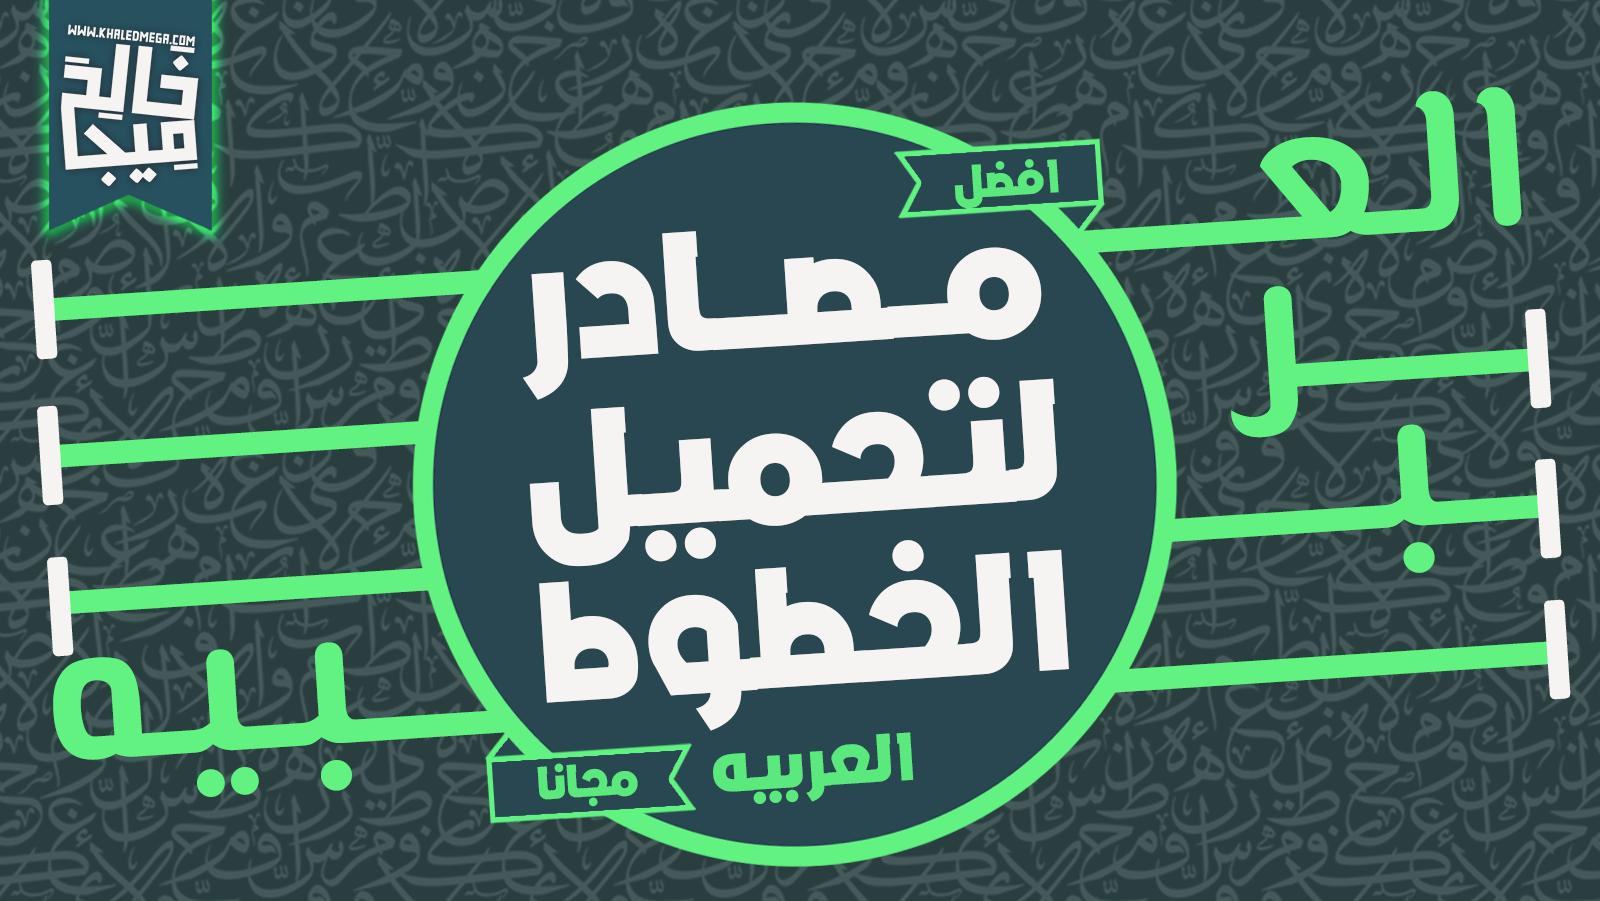 Khaled Mega,#خالد_ميجا,تحميل خطوط عربية للفوتوشوب,تحميل خطوط عربية للورد 2018,خطوط عربية جديدة 2018,خطوط عربية للتصميم 2018,خطوط عربية 2018,موقع خطوط عربية اون لاين 2018,خطوط عربية للويندوز 10#,أفضل المواقع لتحميل خطوط عربية مجانية | Hcouch Design#2,افضل 5 مواقع للحصول علي خطوط للفوتوشوب مجاناً,افضل مواقع خطوط,مواقع خطوط,المواقع لتحميل خطوط عربية,Arabic Font,خطوط مجانية,Arabic Fonts